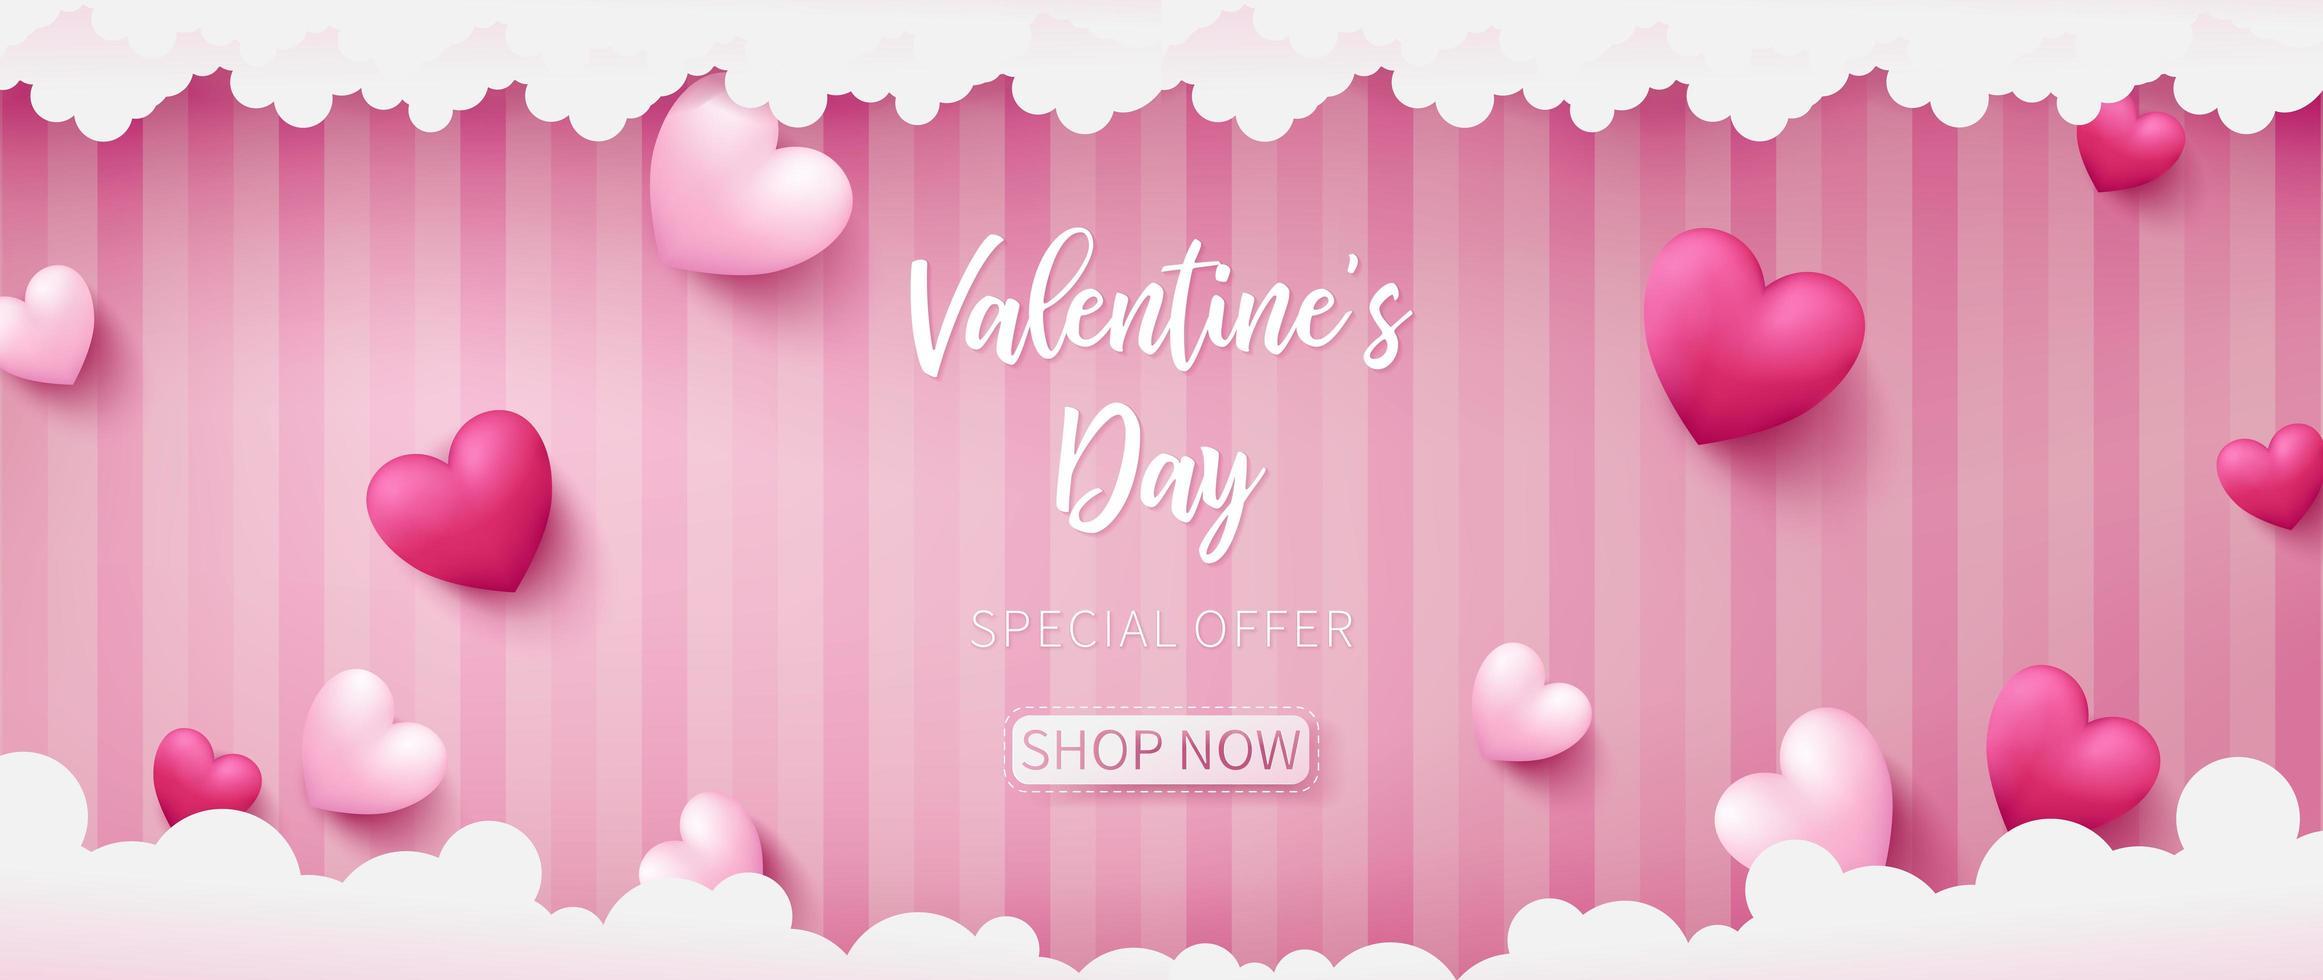 Banner di San Valentino composto da due colori di tono dei cuori